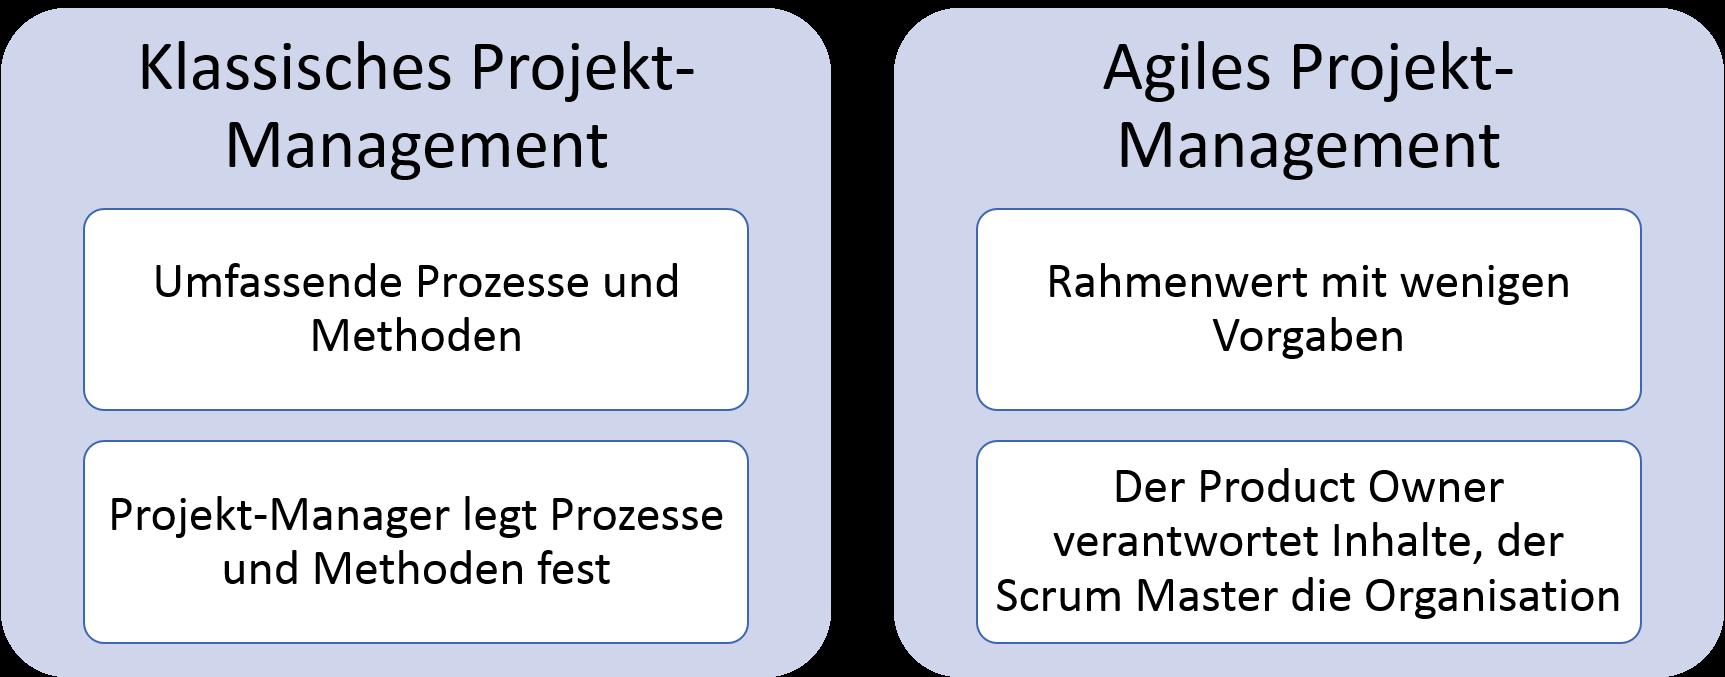 Unterschiede_klassisches Projekt-Mangement_agiles Projekt-Mangement_Claudia Hilker_